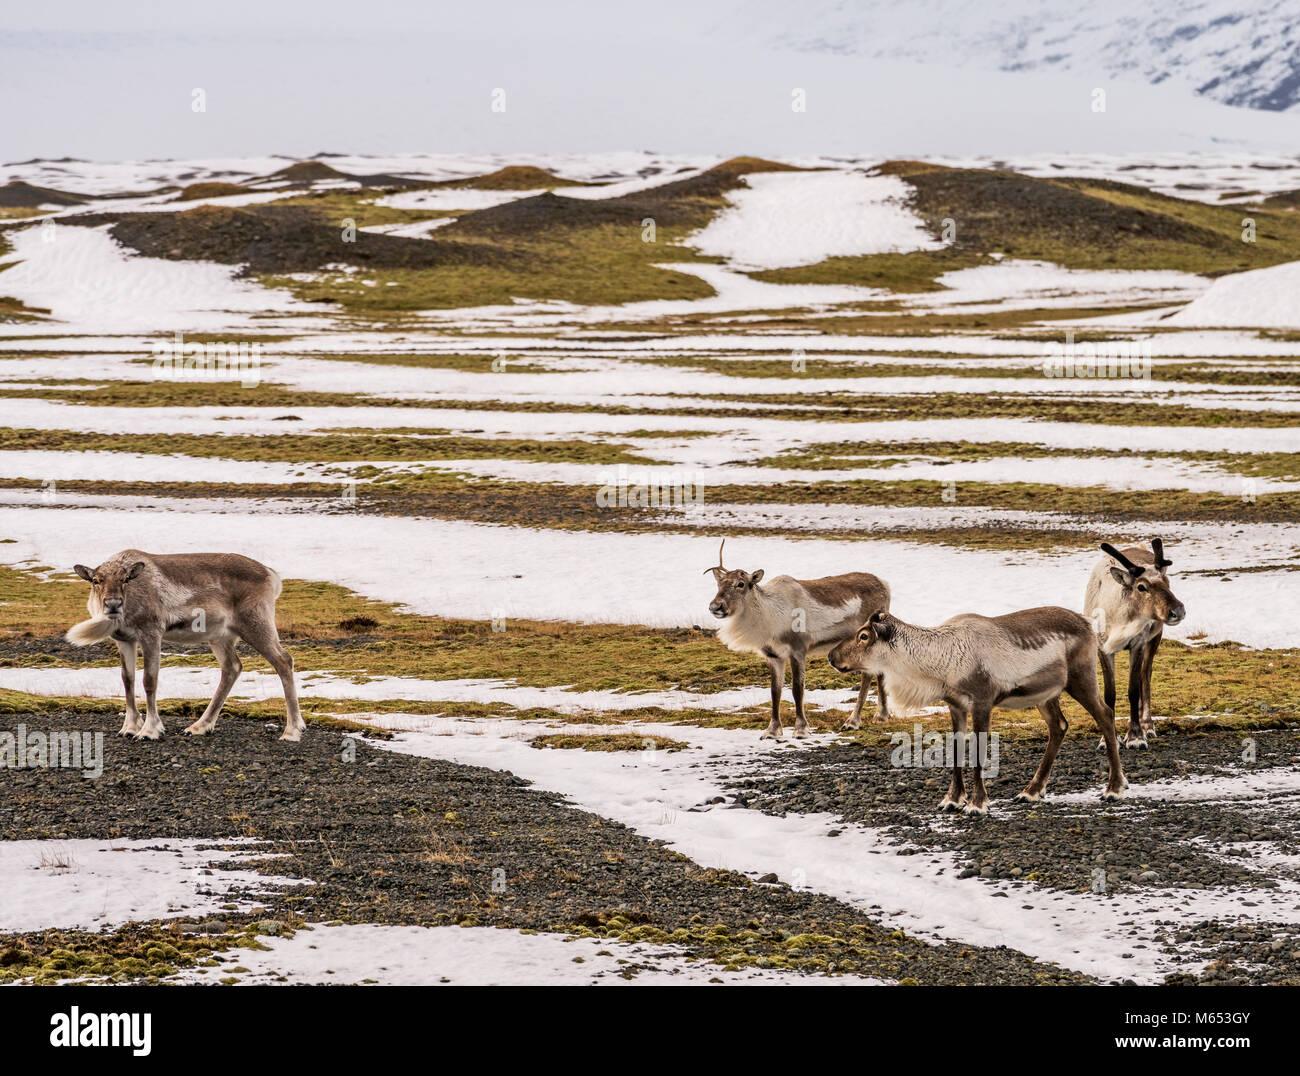 Allevamento di renne pascolare, South Coast, Islanda Immagini Stock